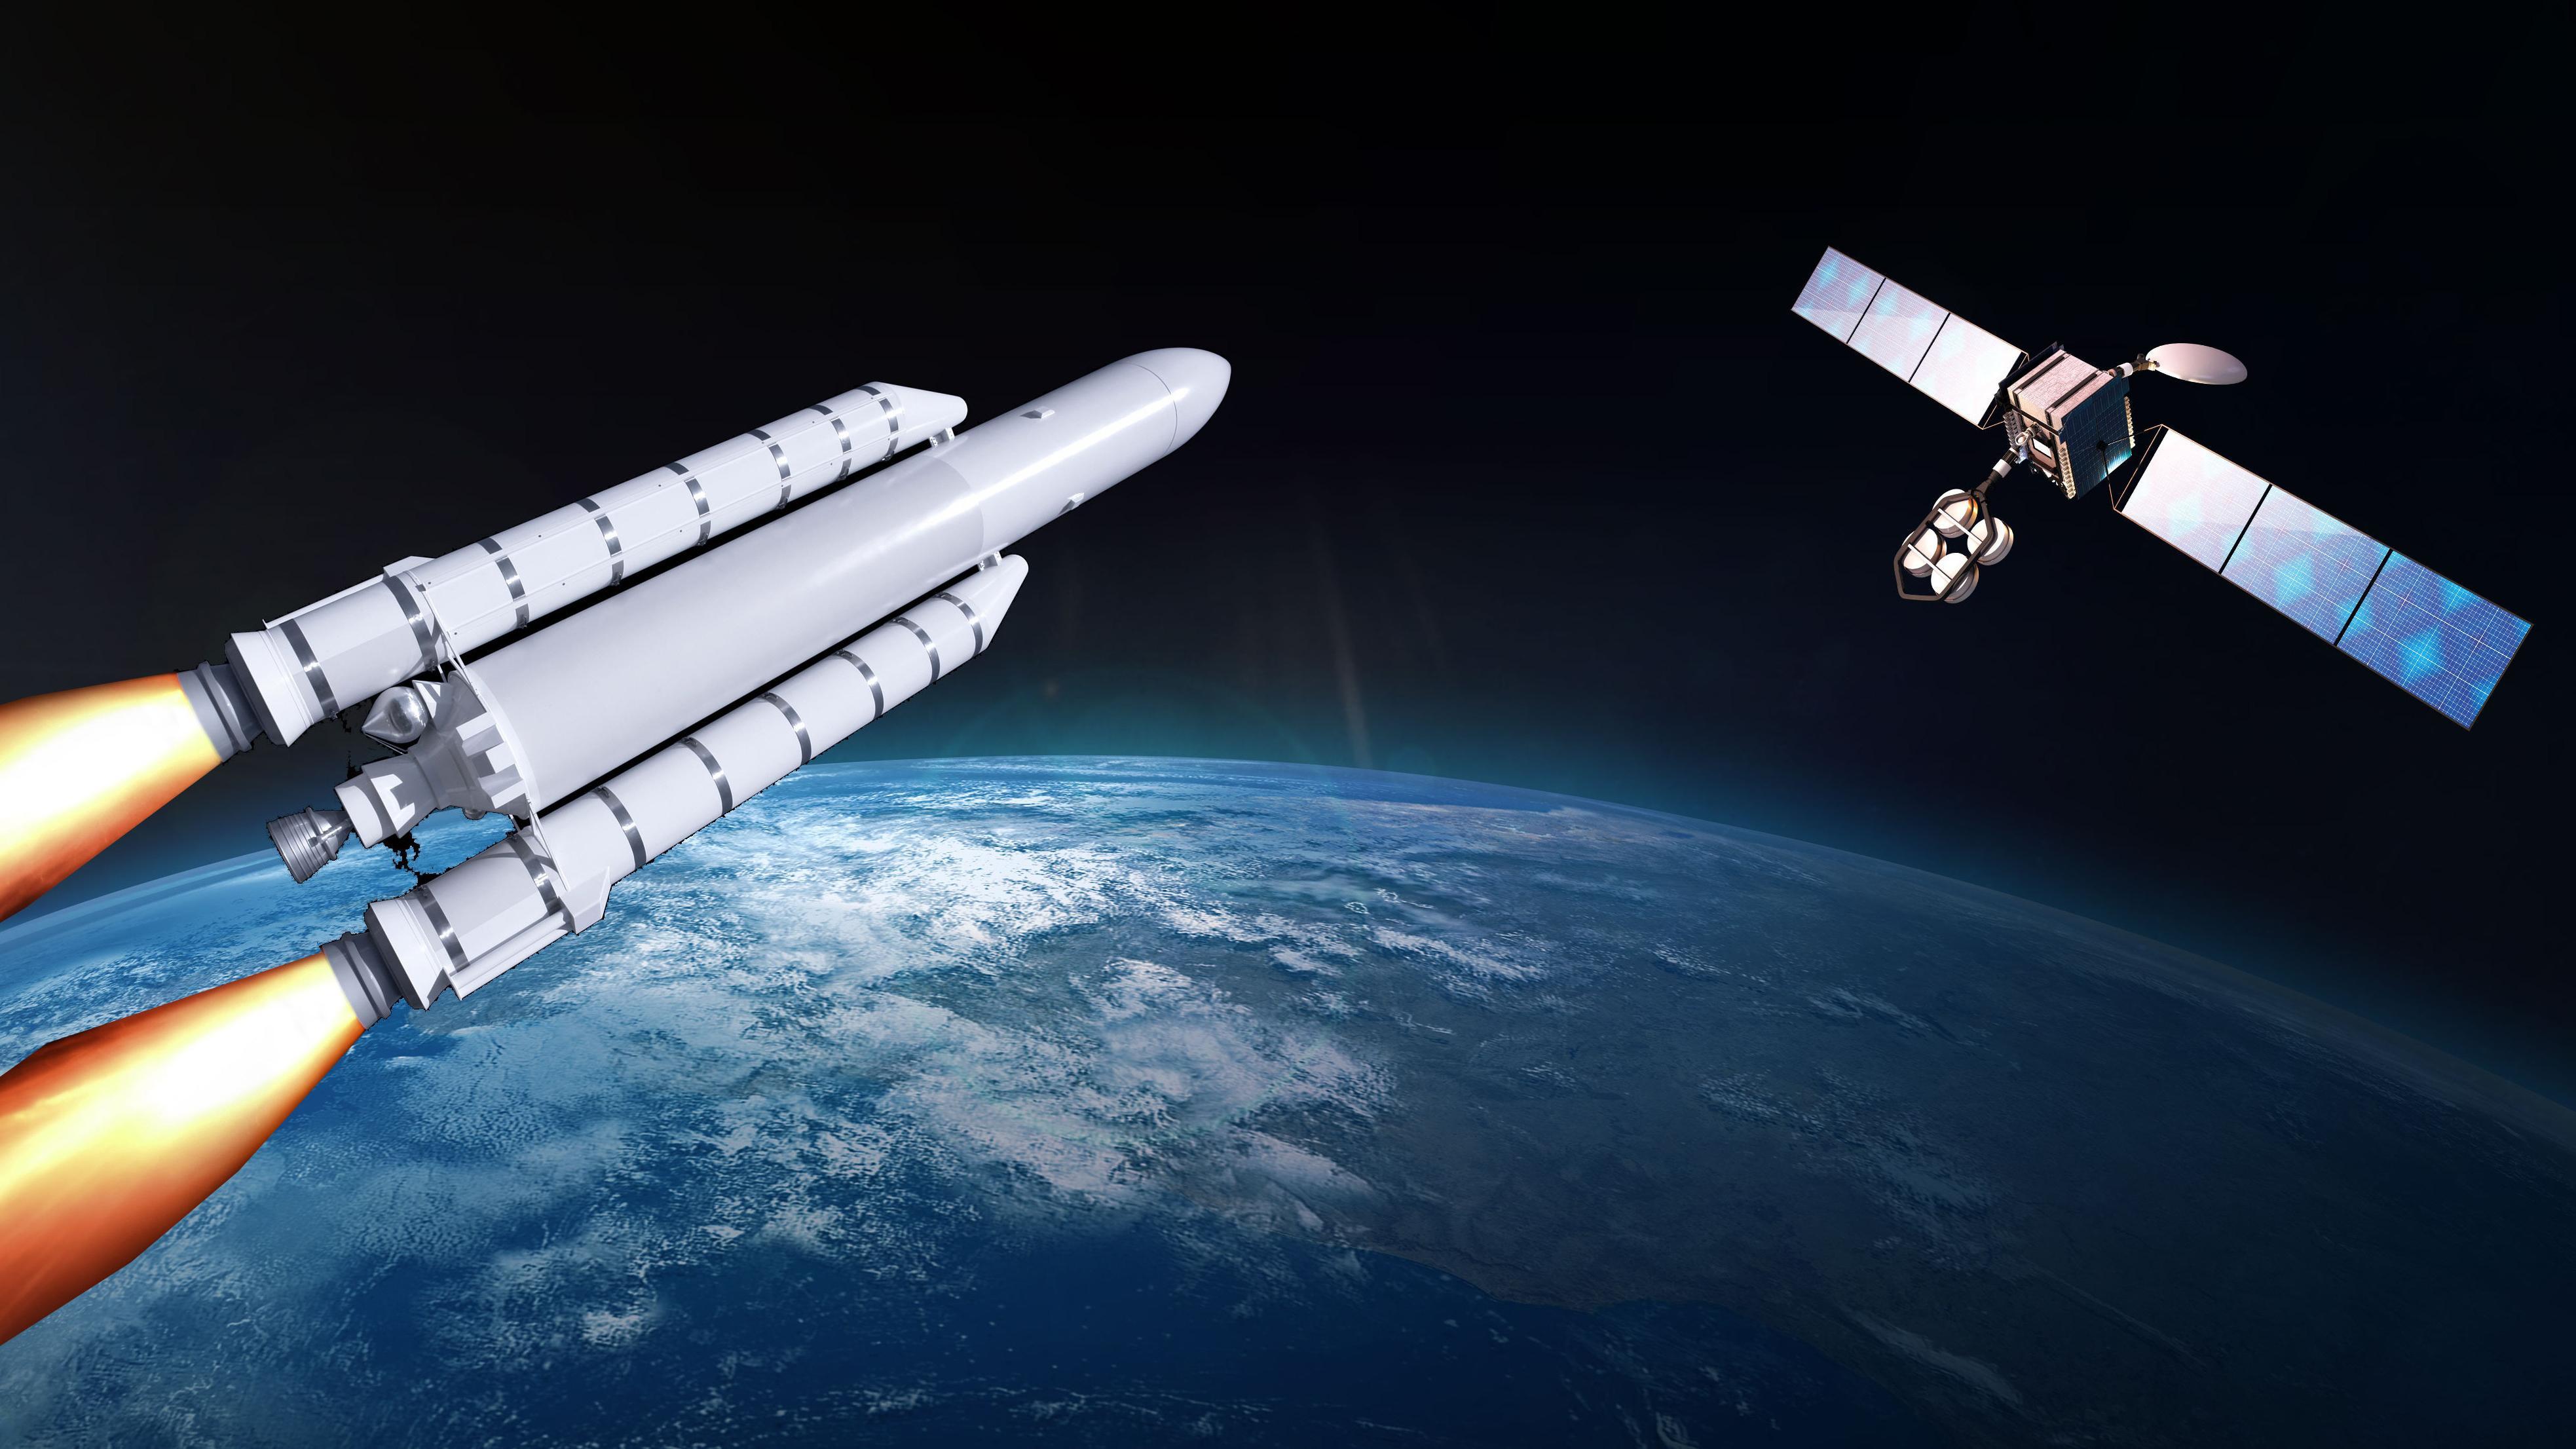 Vellykket oppskytning for Telenors nye Thor 7-satellitt